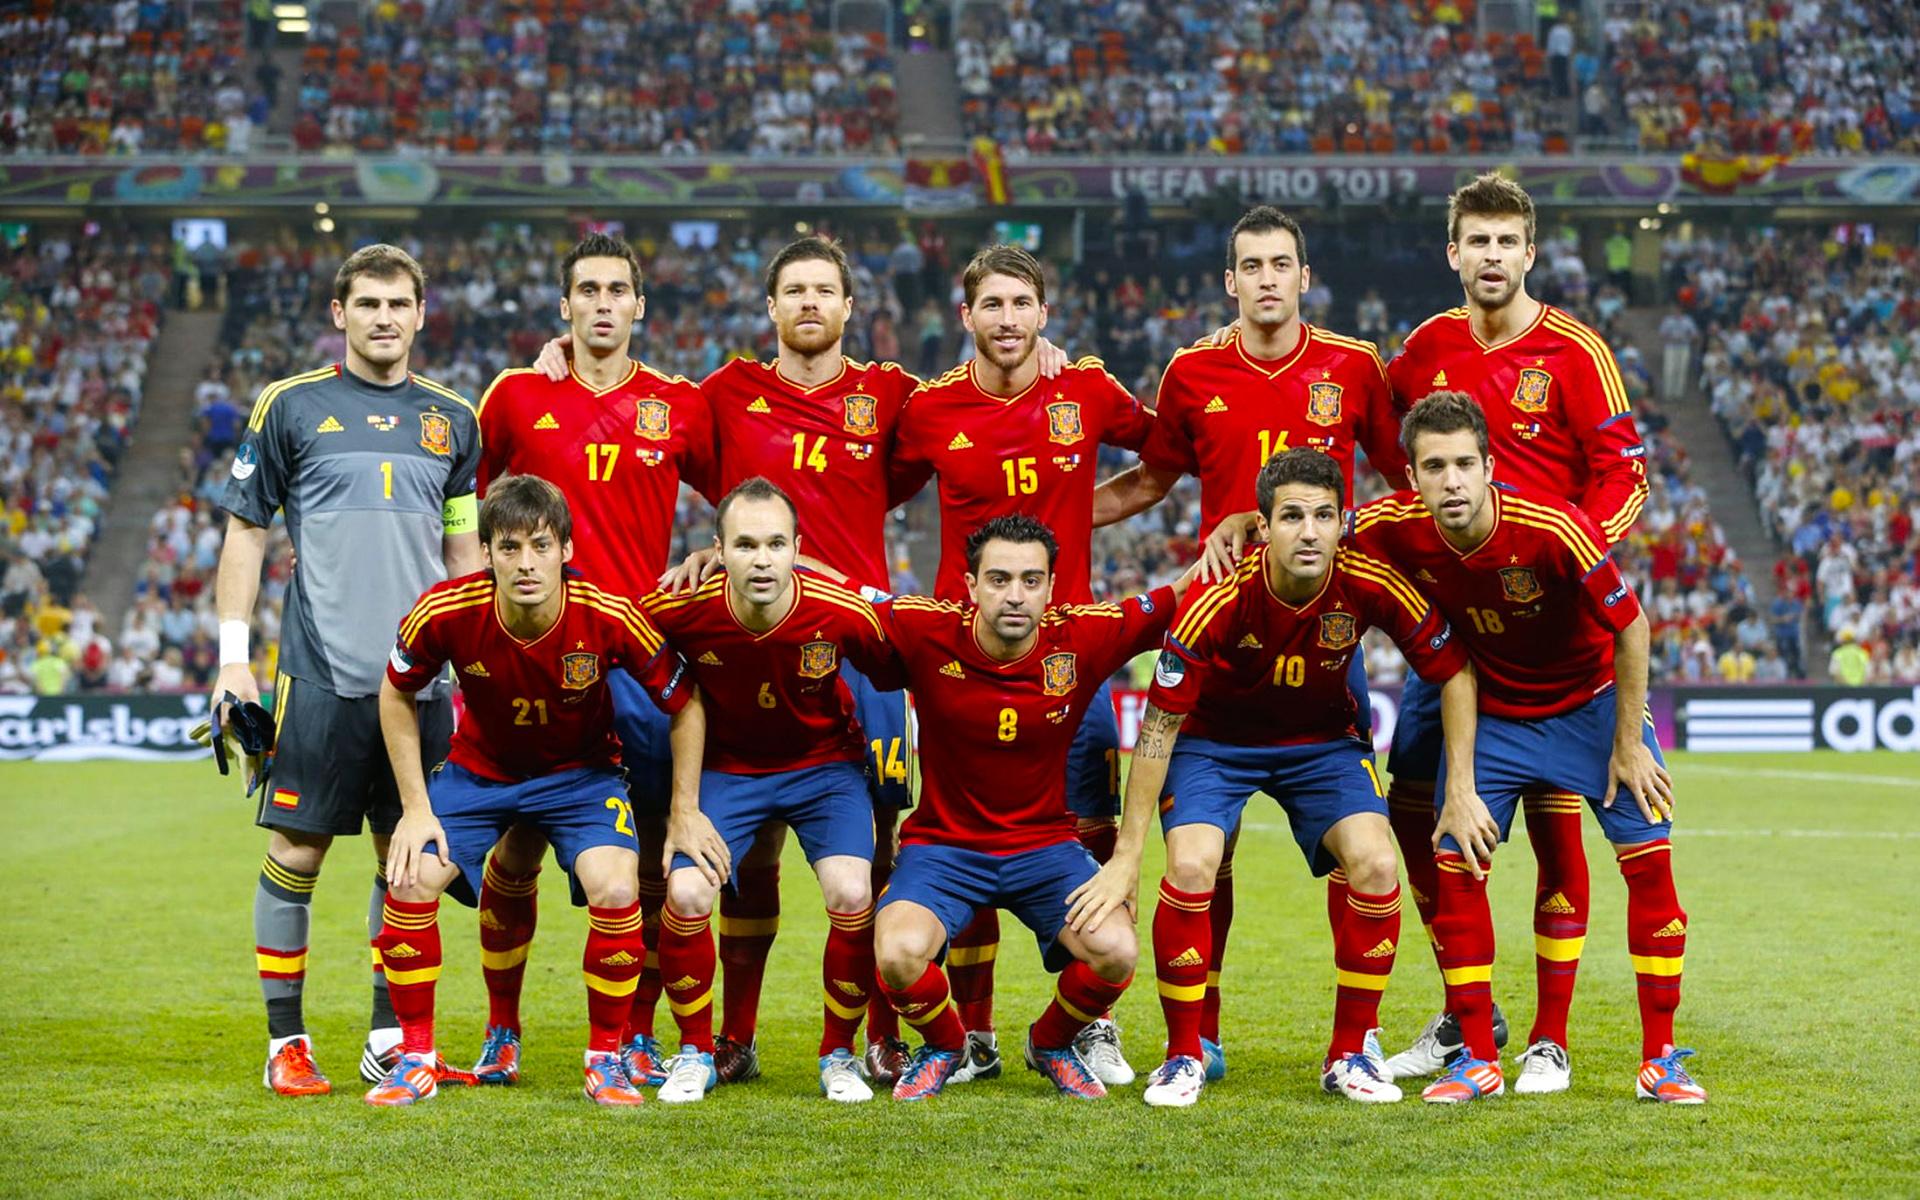 Футбол: ставки на чемпионат Испании, прогнозы на испанскую Ла Лигу на сегодня